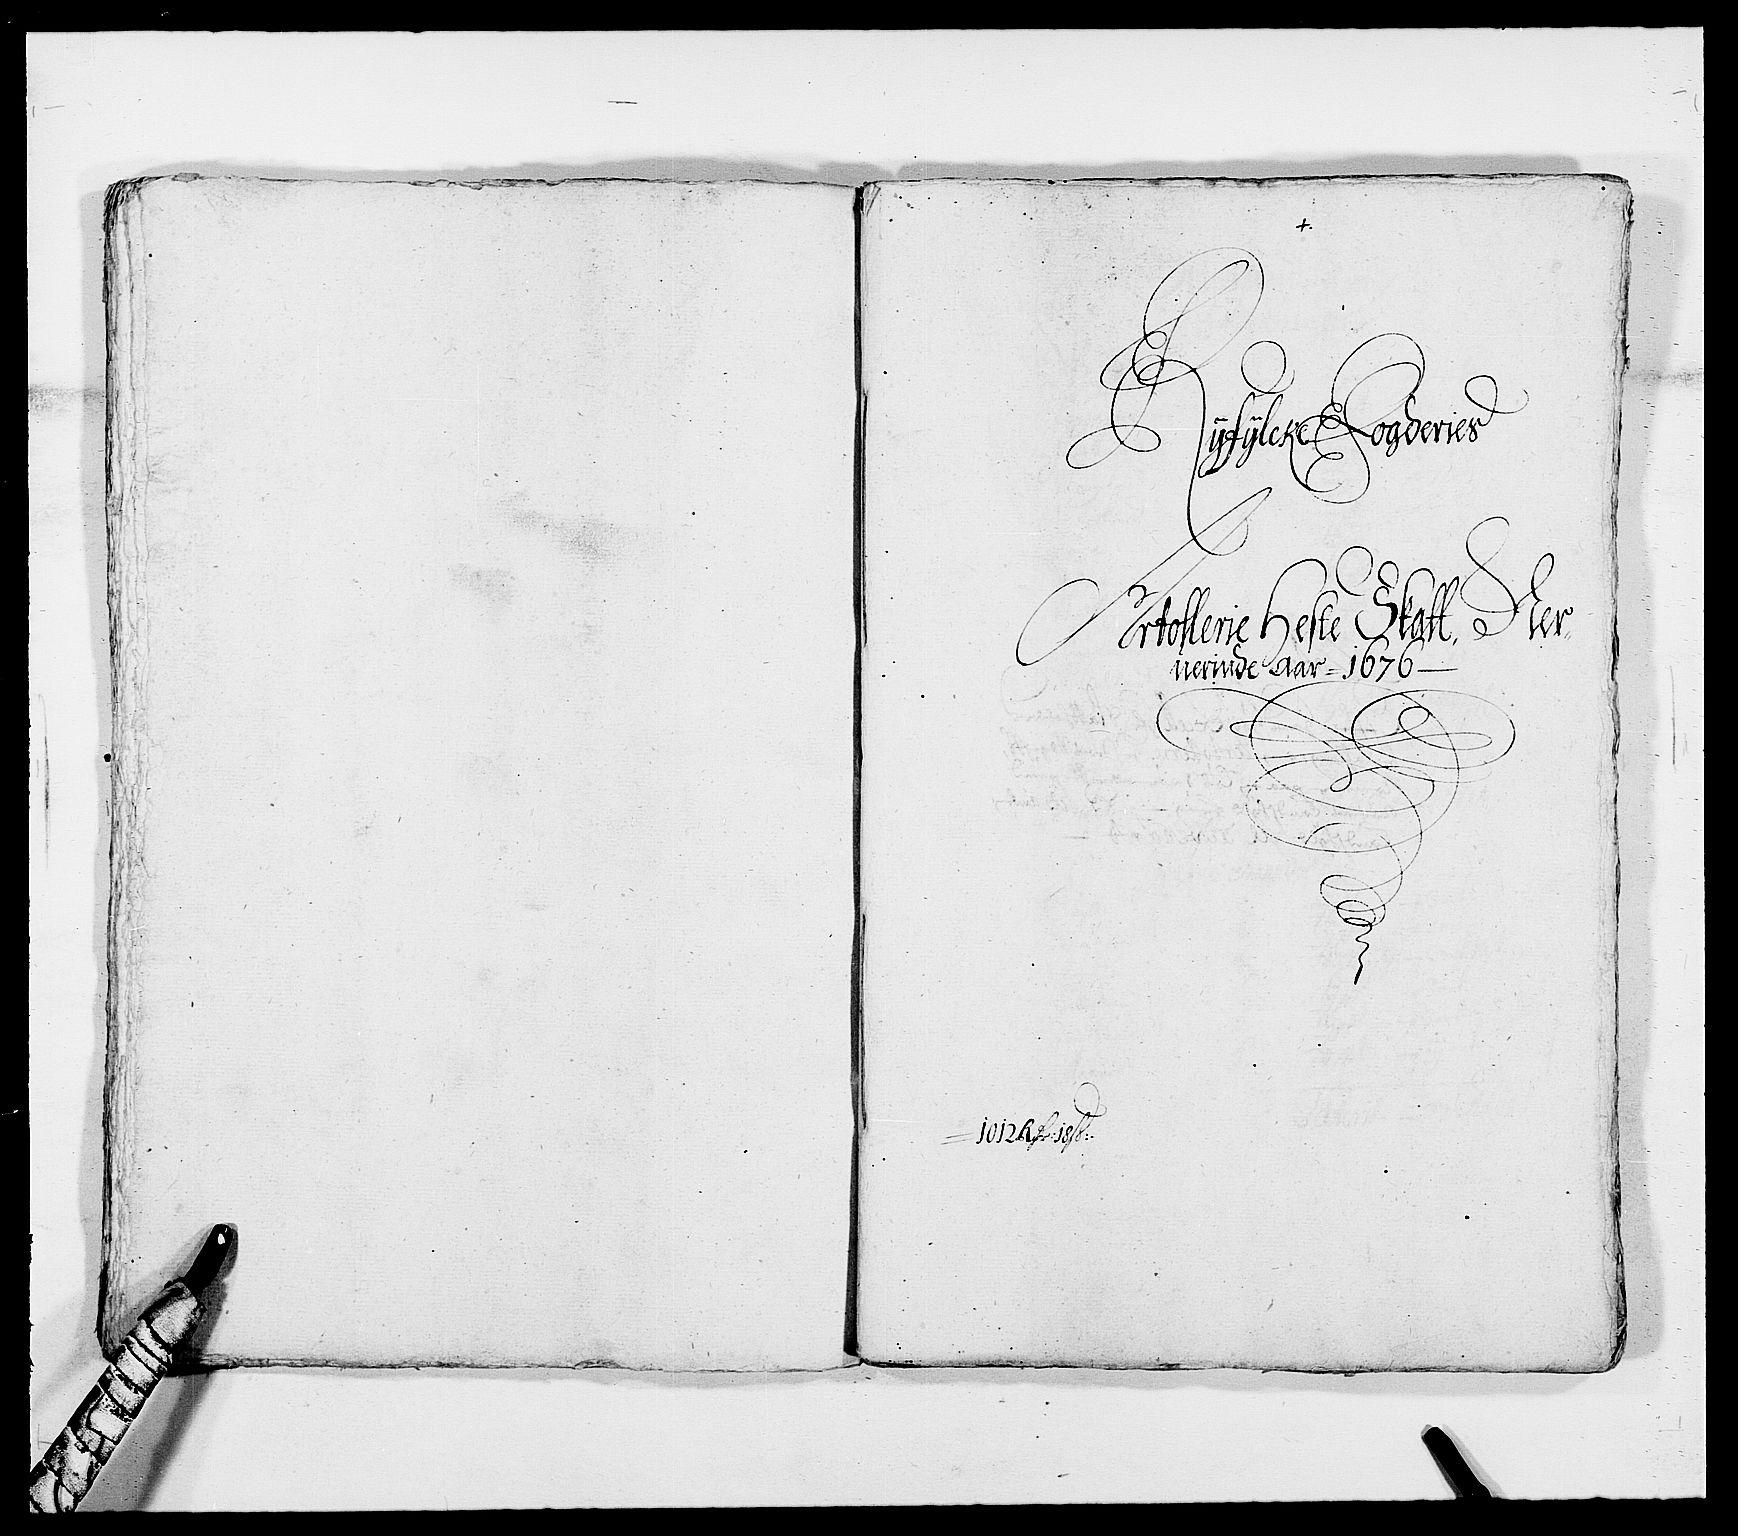 RA, Rentekammeret inntil 1814, Reviderte regnskaper, Fogderegnskap, R47/L2846: Fogderegnskap Ryfylke, 1676, s. 214